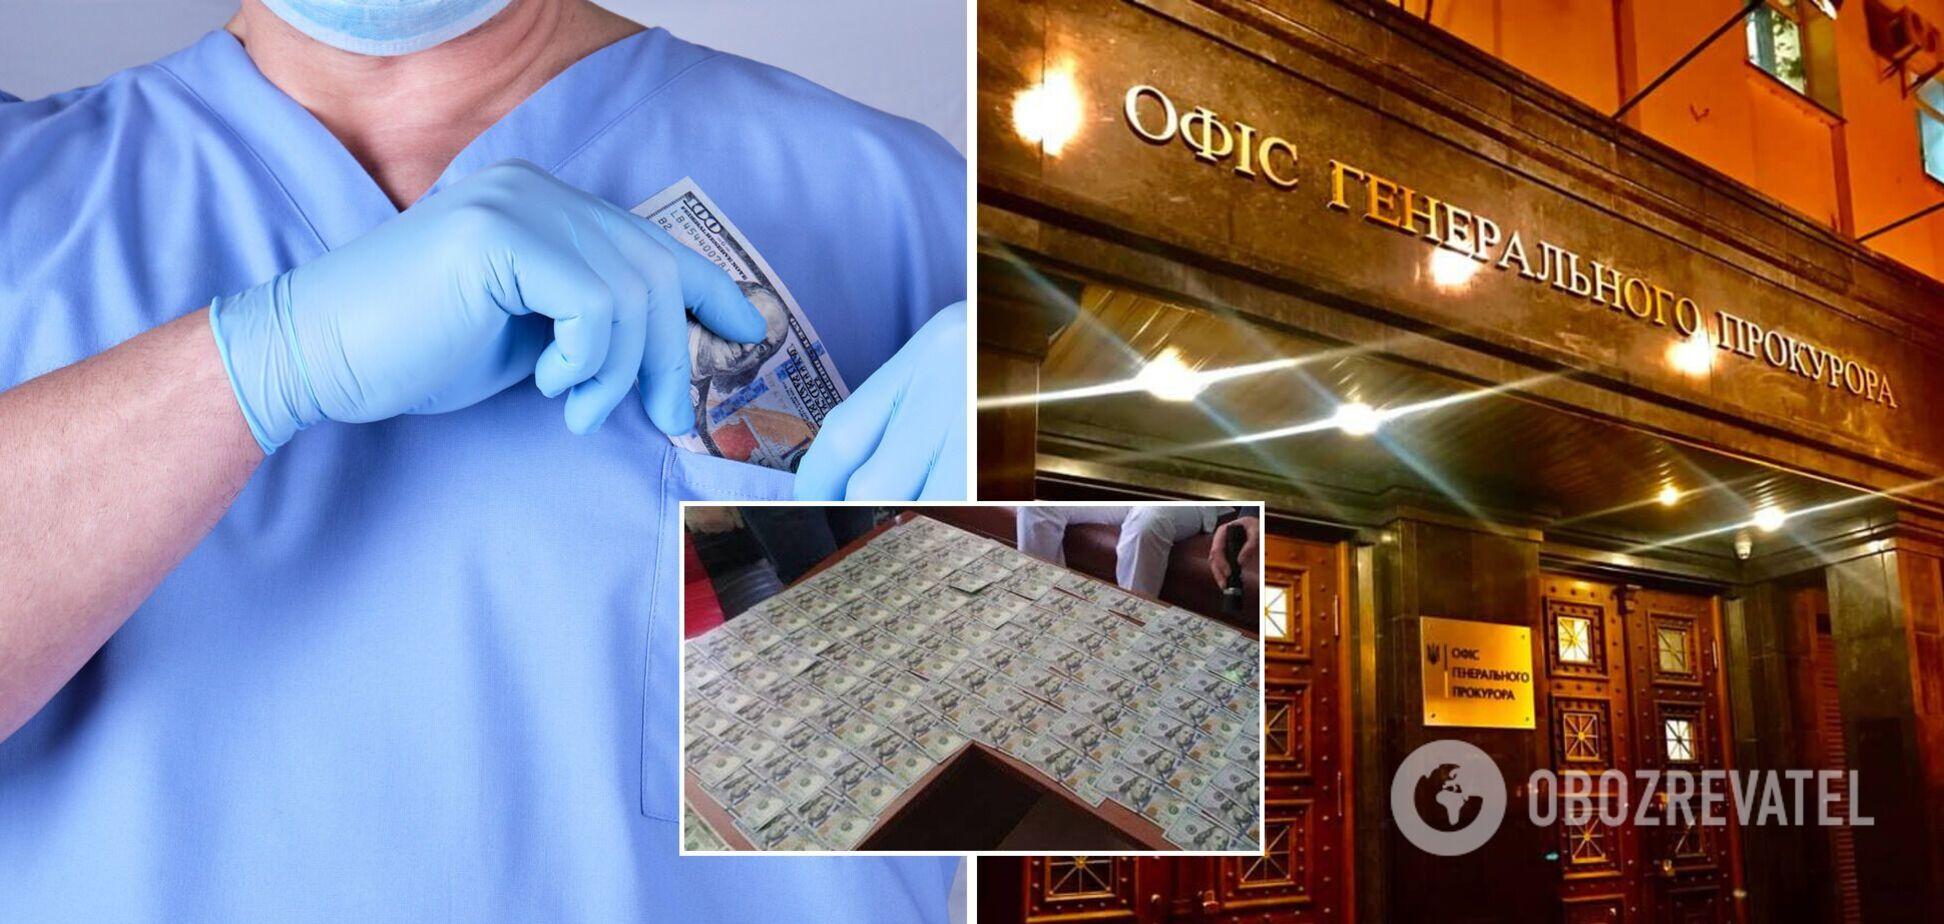 В Одесі лікаря-чиновника спіймали на $11 тис. хабара: вимагав гроші за операцію на серці